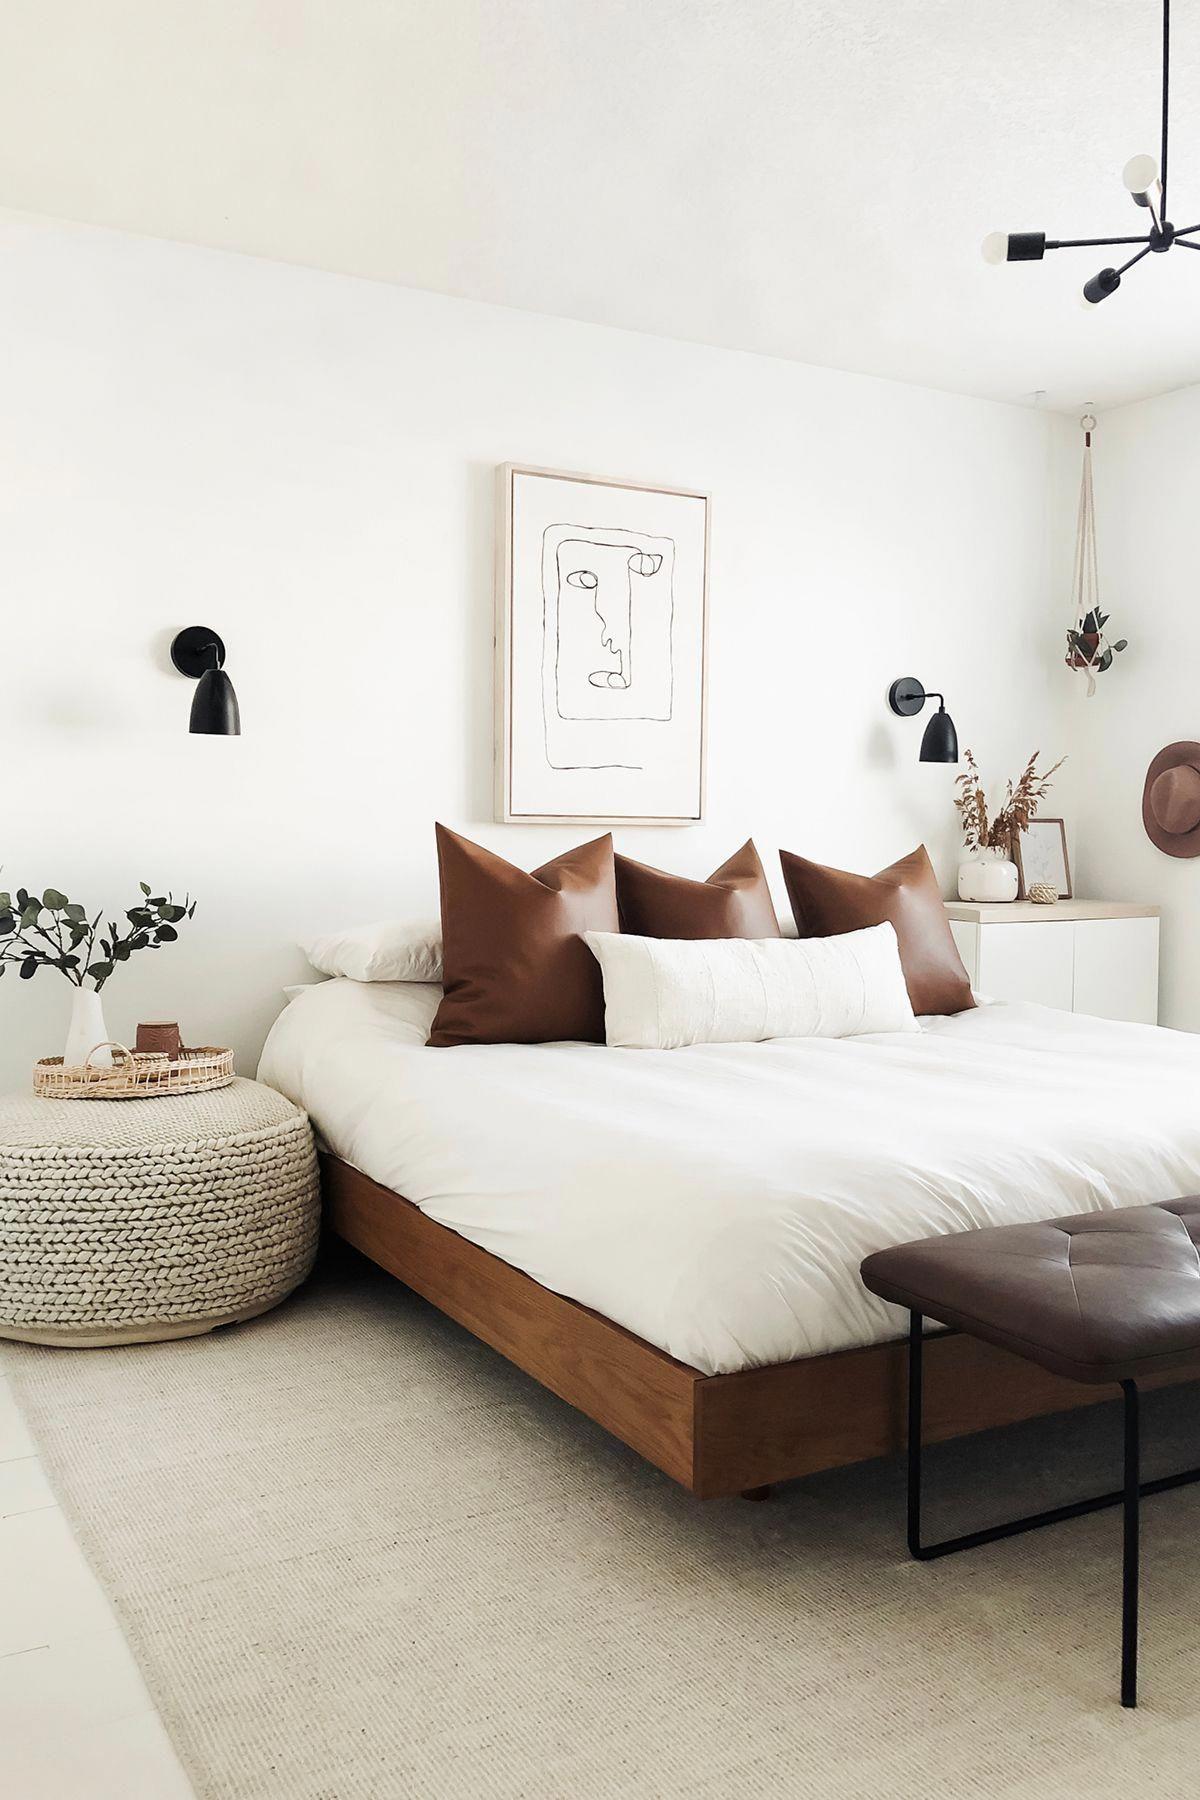 29 Inspiring Nightstand Ideas To A New Look In Your Bedroom En